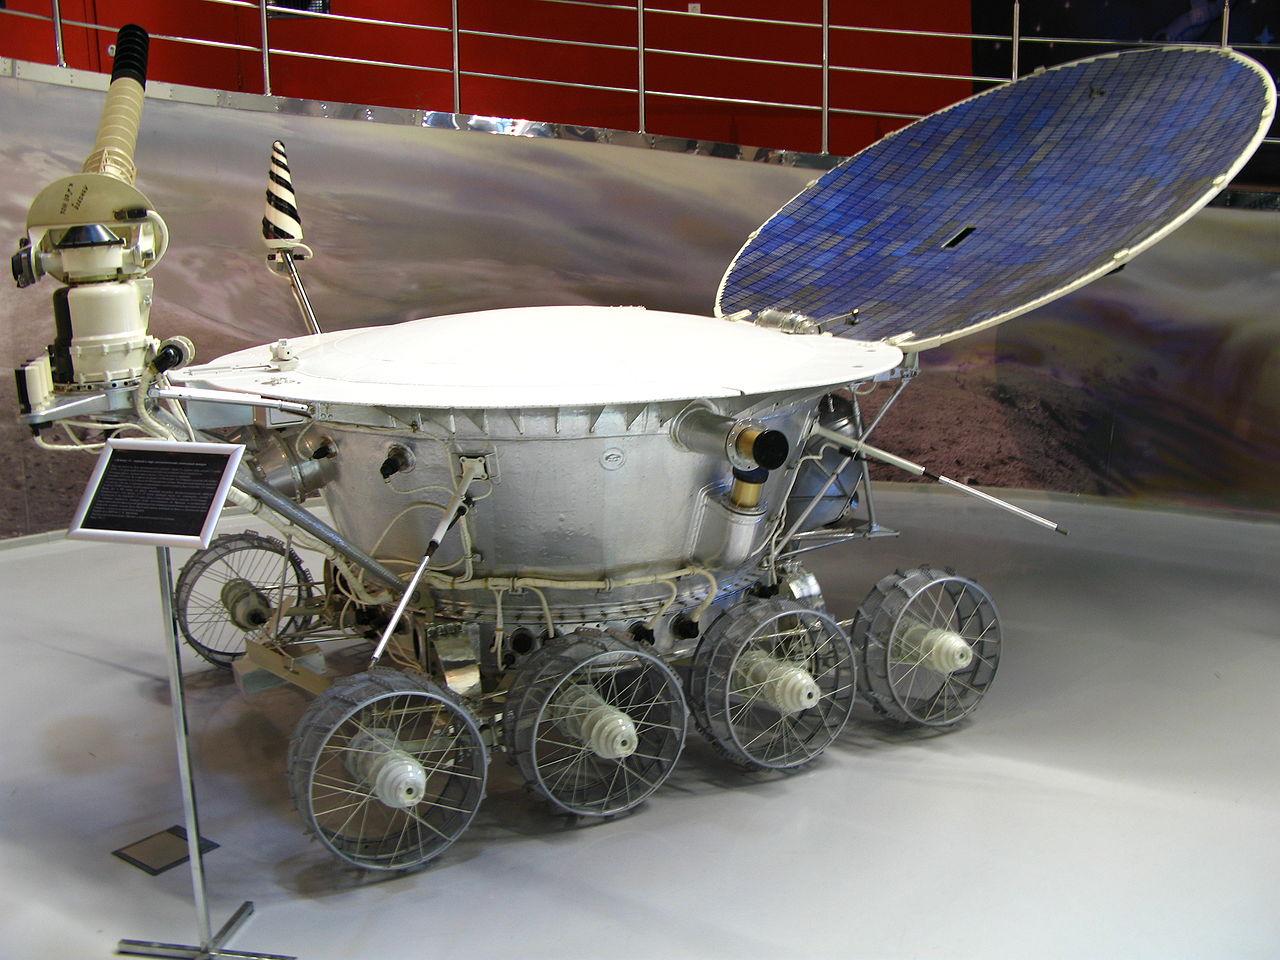 พิพิธภัณฑ์อวกาศมอสโก-ยานสำรวจพื้นผิว